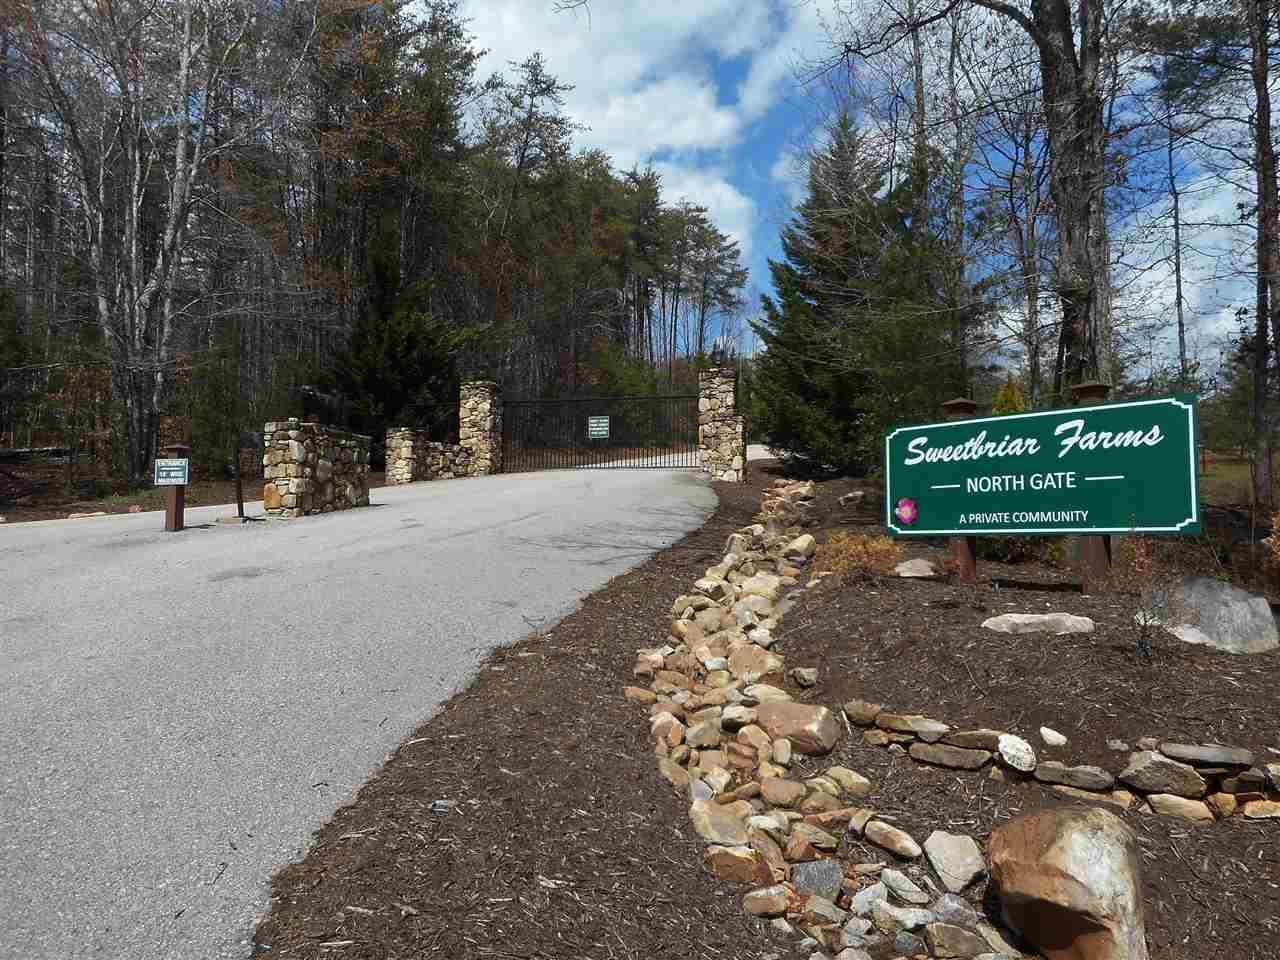 Lot 62 Sweetbriar Road North, Lake Lure, NC 28746